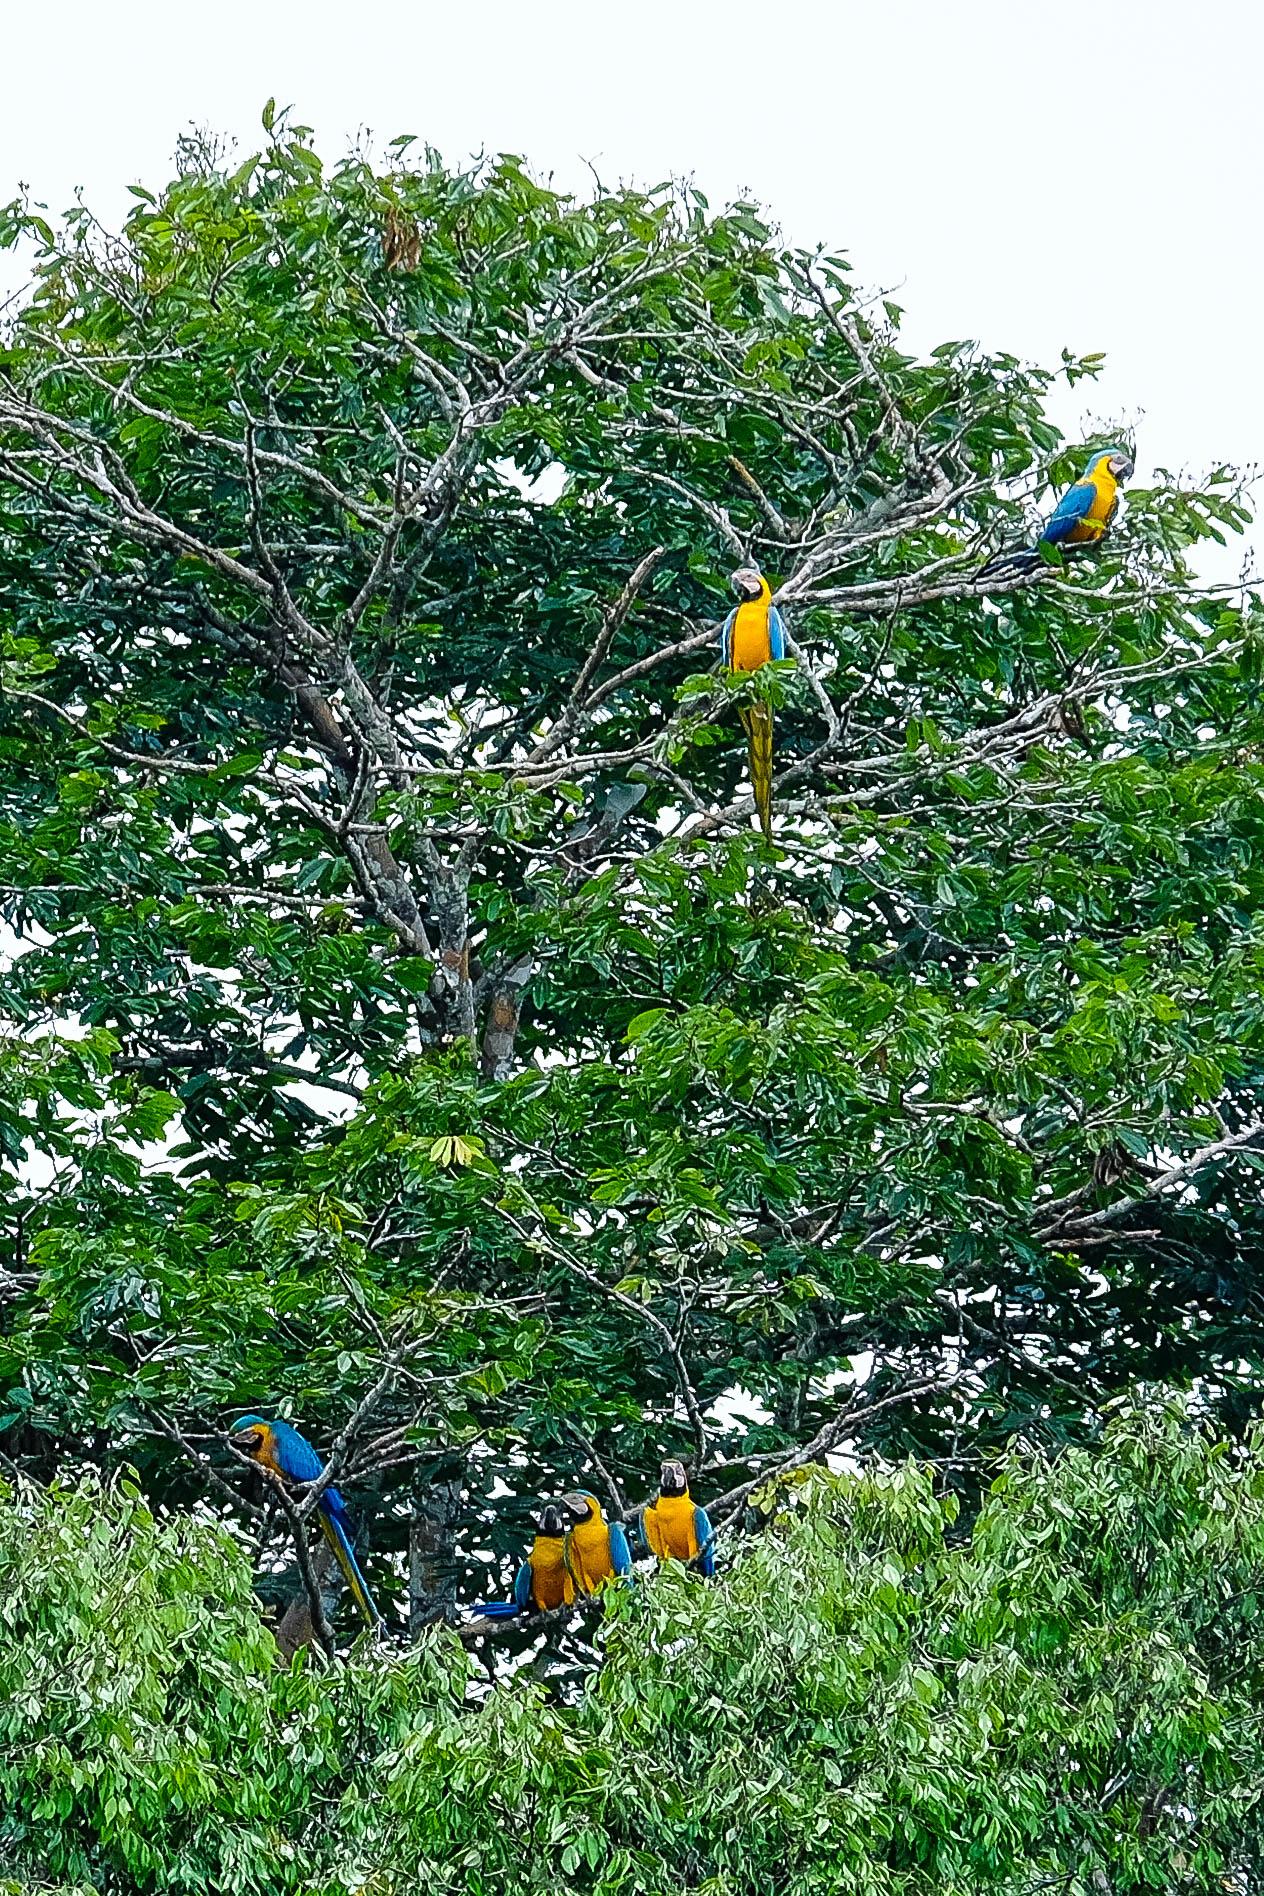 Aras de la réserve de Cuyabeno en Amazonie en Equateur.